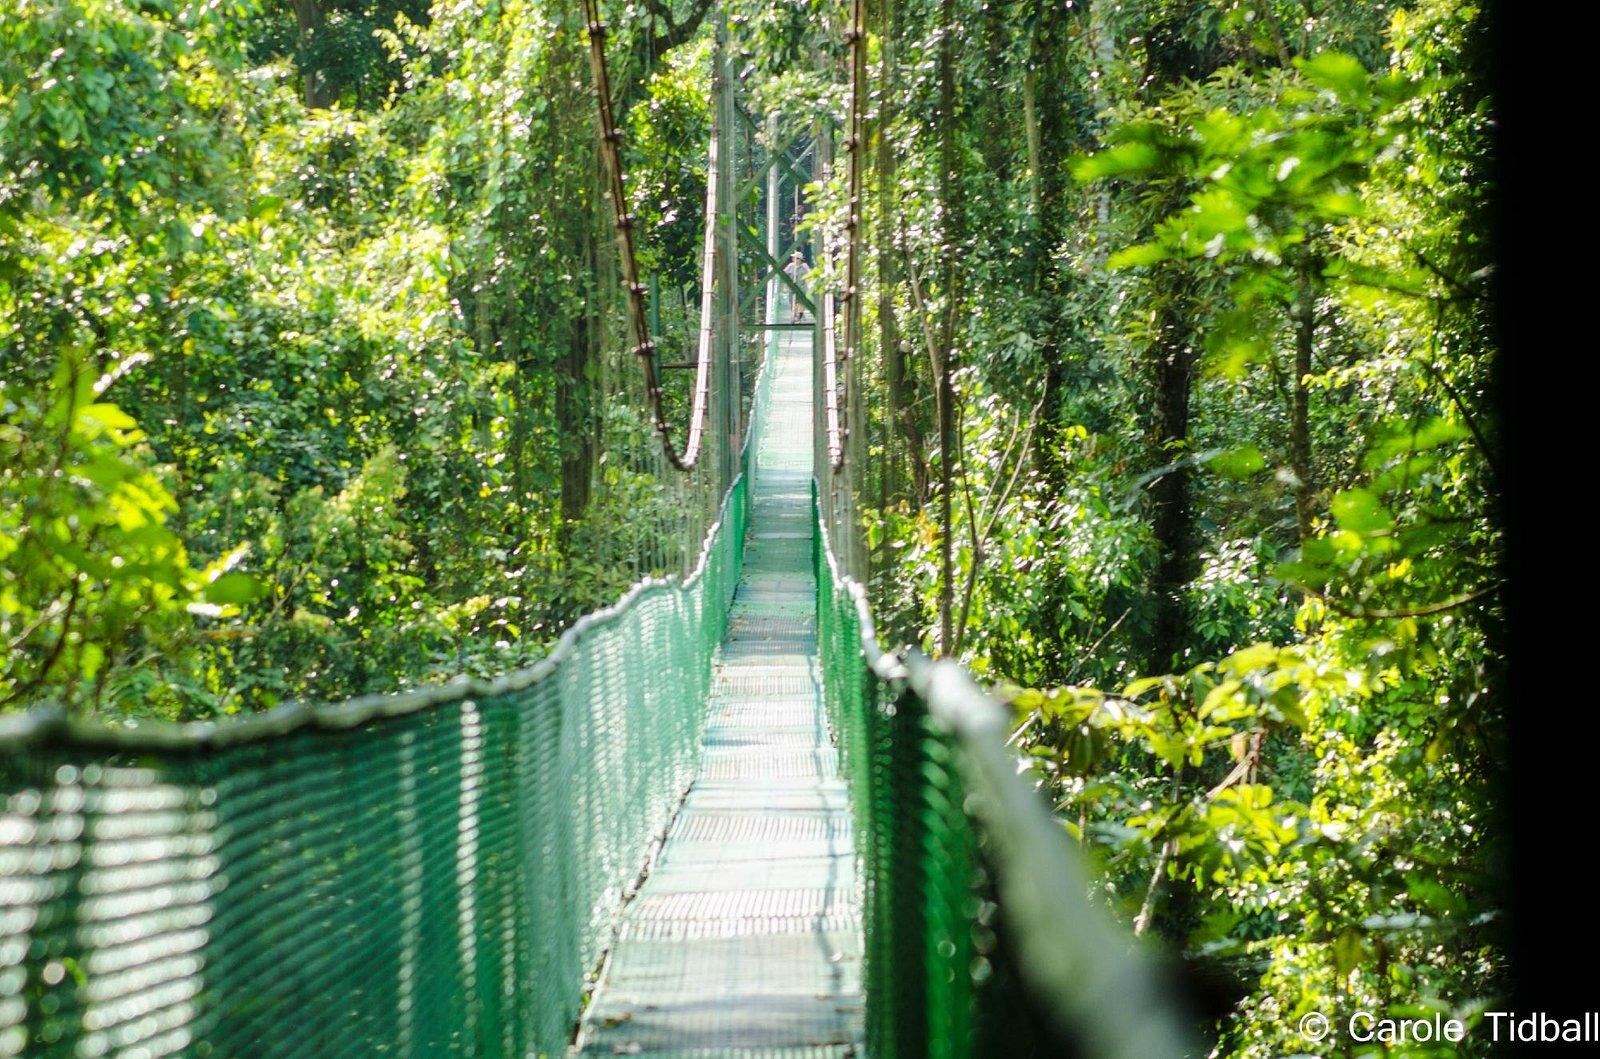 The suspension bridge.